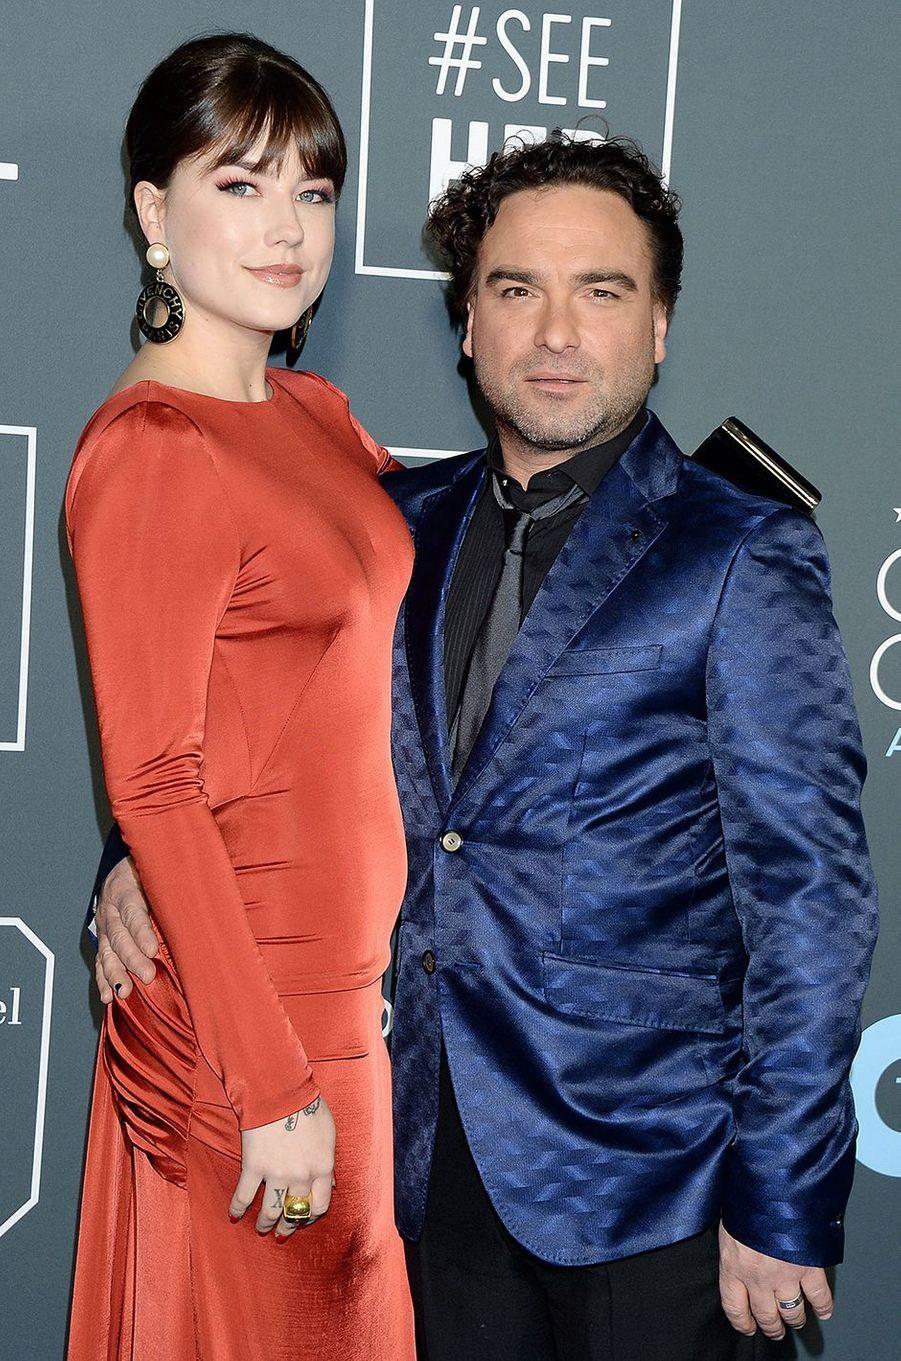 Après deux ans de relation, la rupture entre Alaina Meyer et Johnny Galecki, parents d'un petit Avery (1 an), a été confirmée au magazine «People» en novembre 2020.